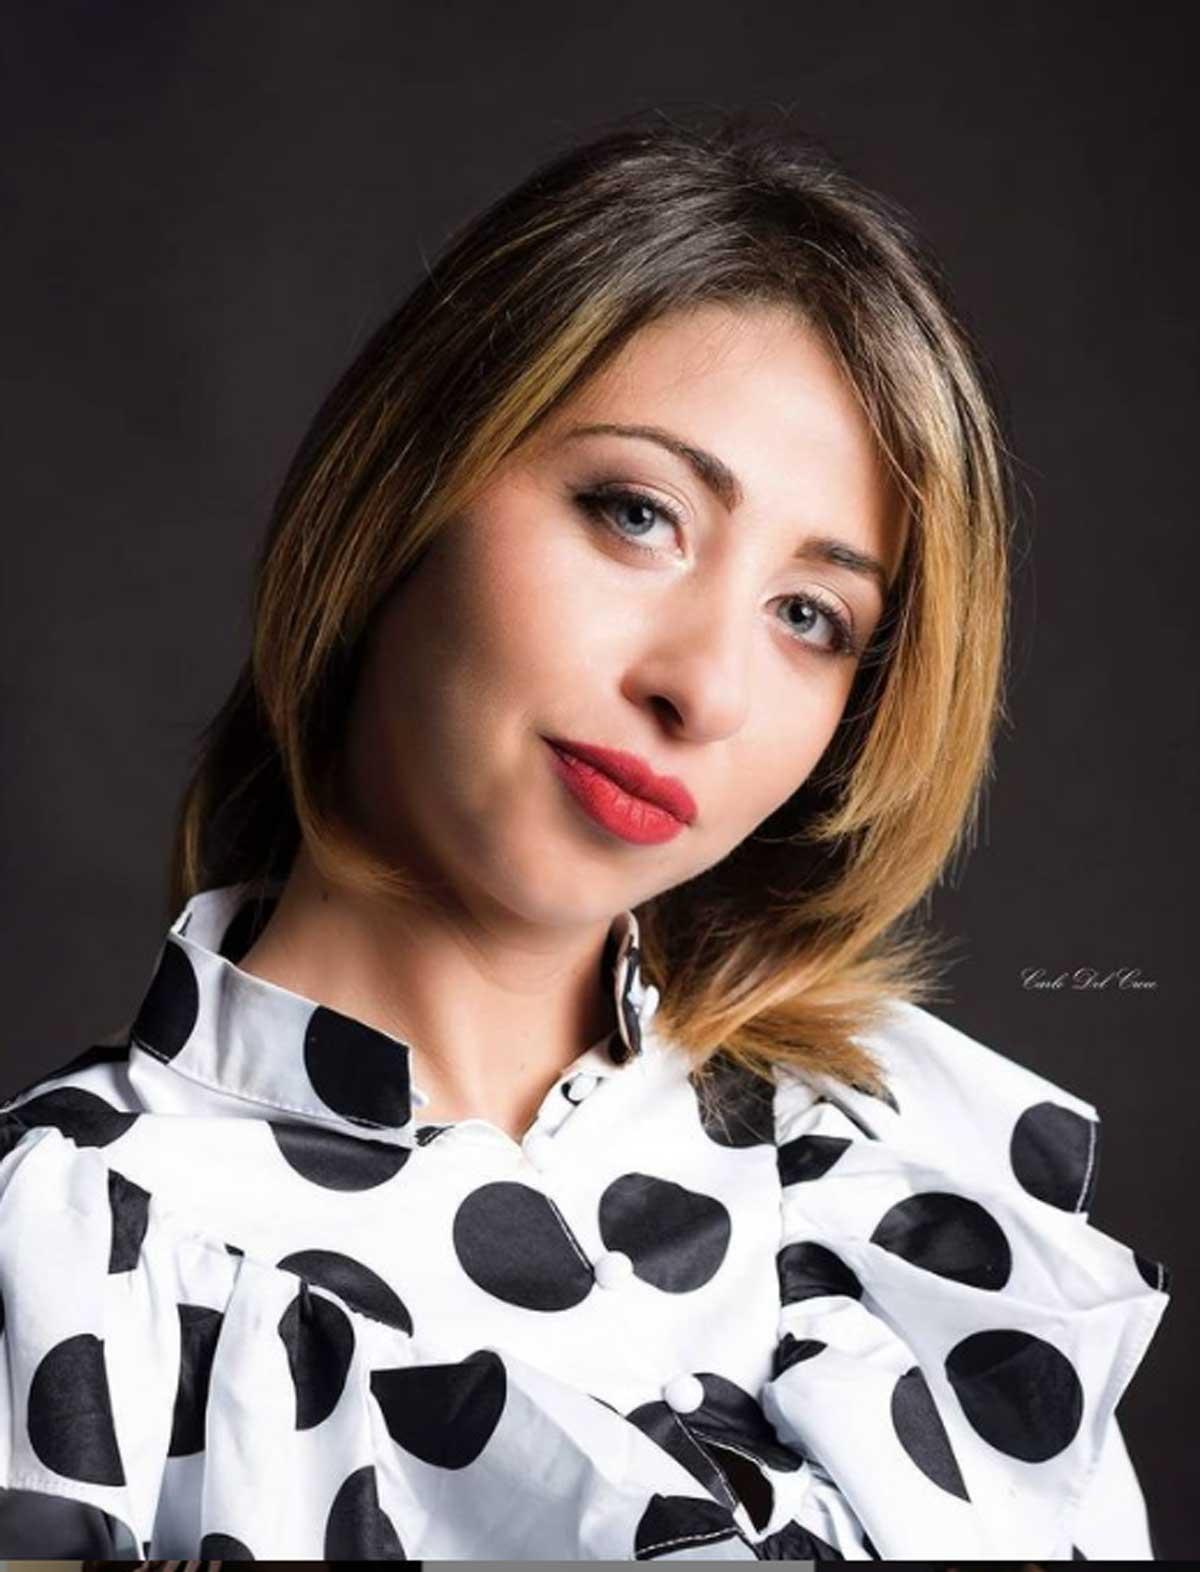 Sofia-claesso-